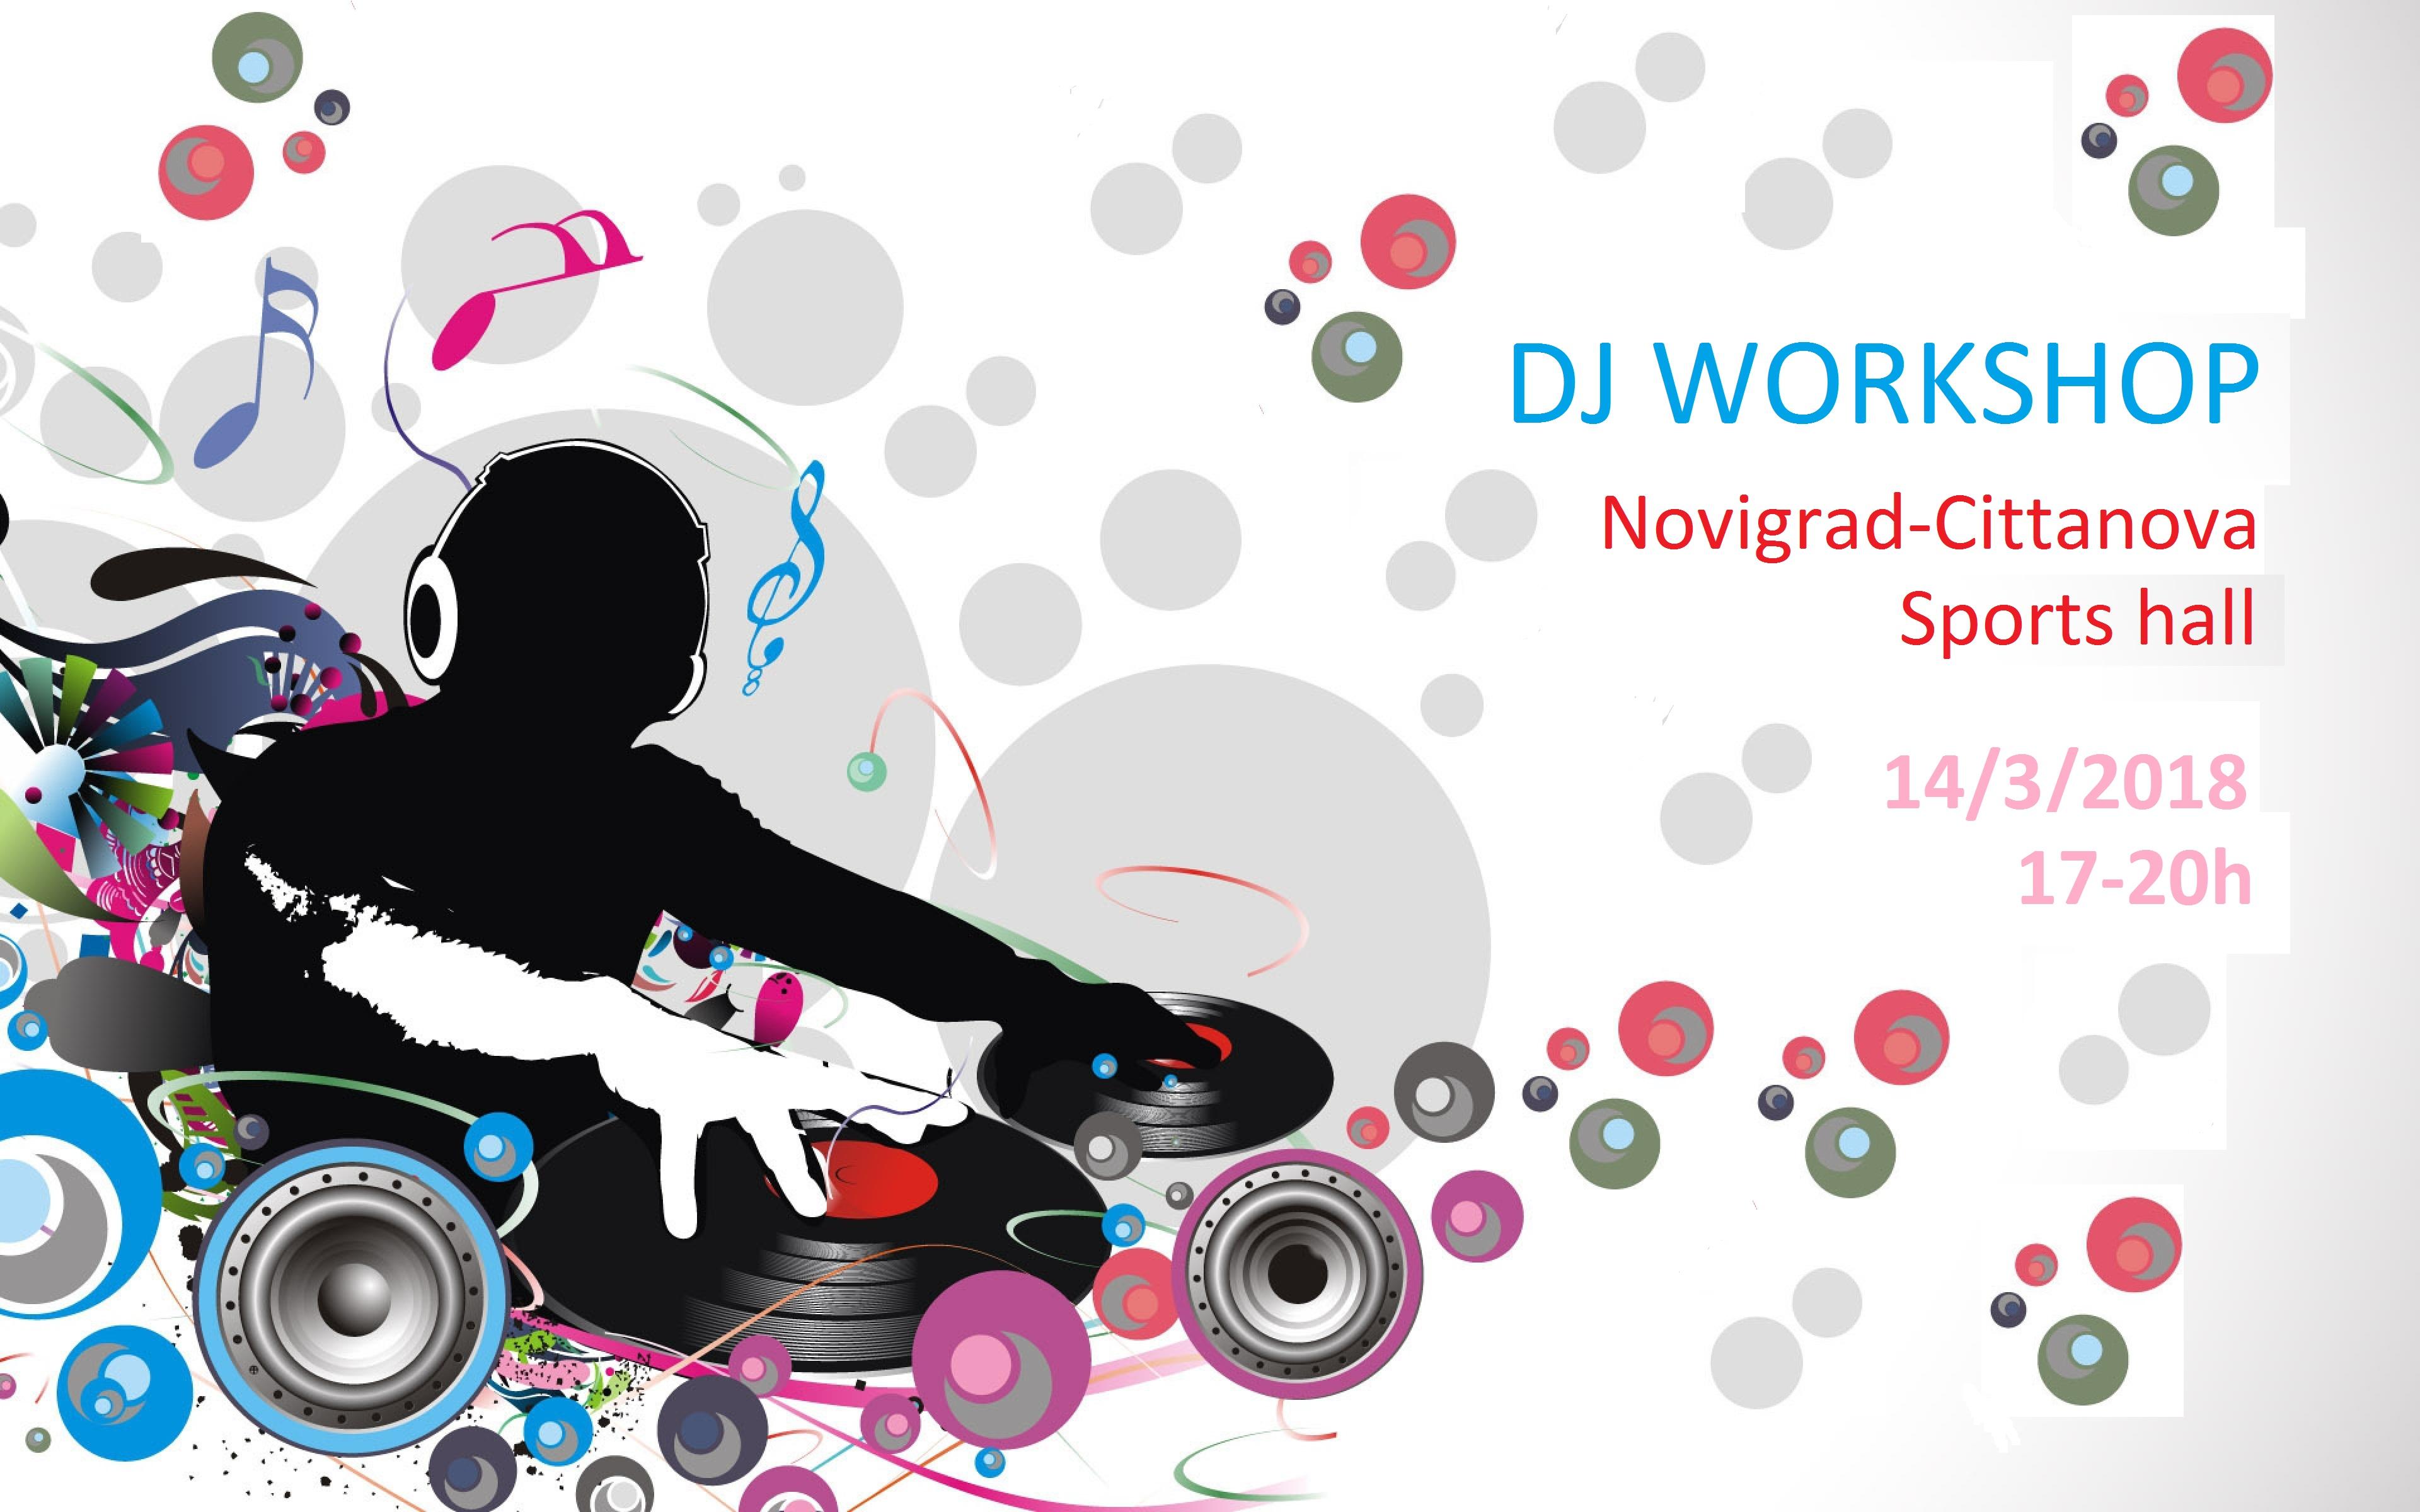 http://www.novigrad.hr/besplatni_techaj_za_dj_e_u_organizaciji_novigradske_udruge_seriously_twiste